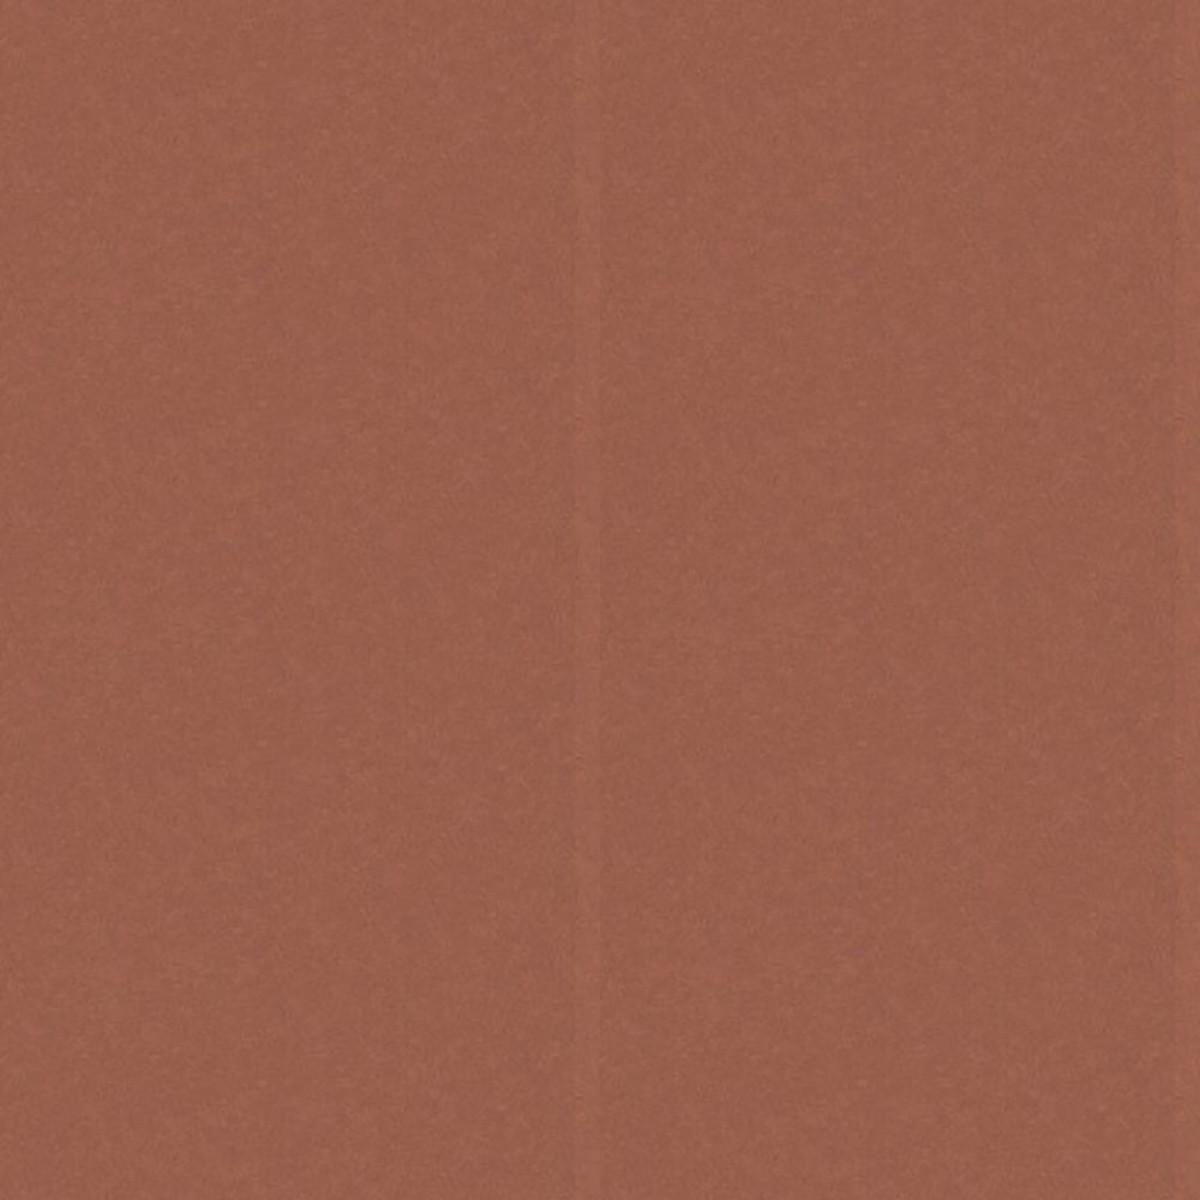 Обои виниловые Gaenari коричневые 1.06 м 87408-10